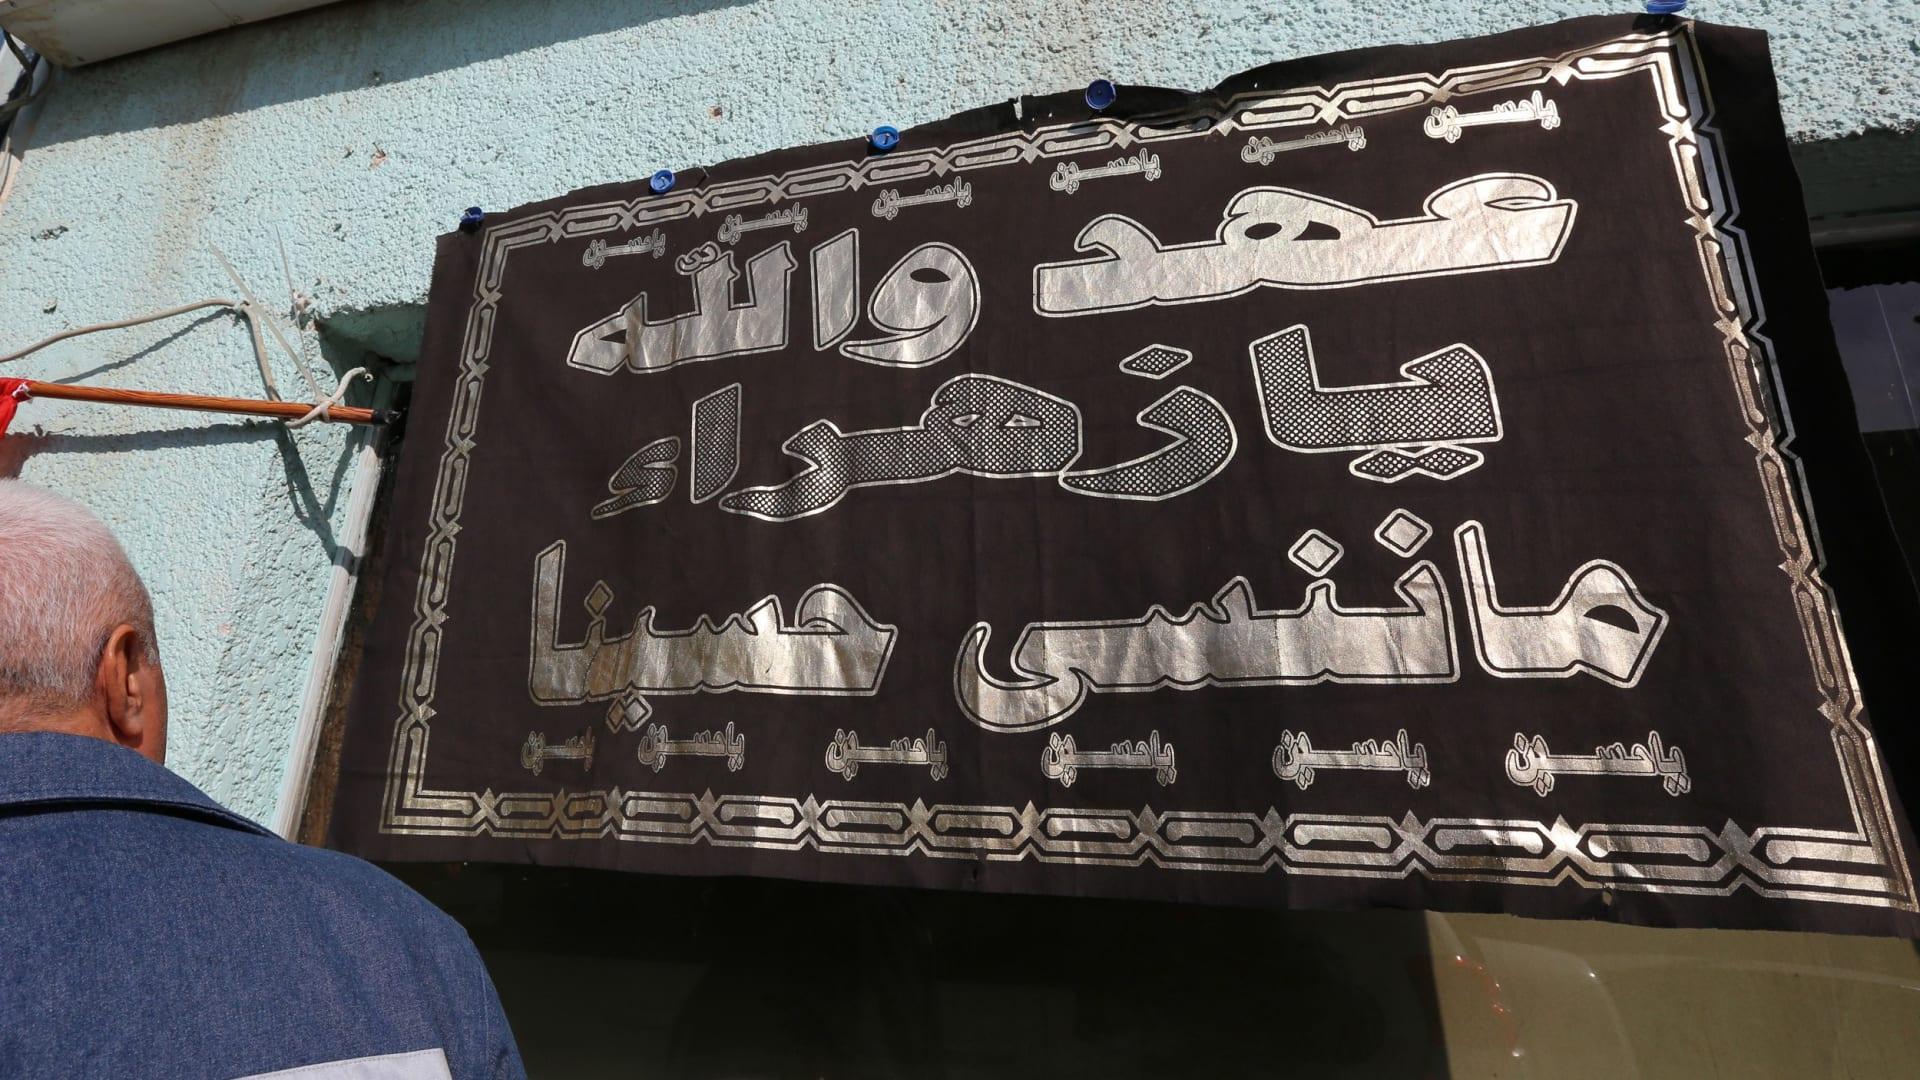 صورة أرشيفية للوحة في العراق بذكرى سابقة لوفاة فاطمة الزهراء